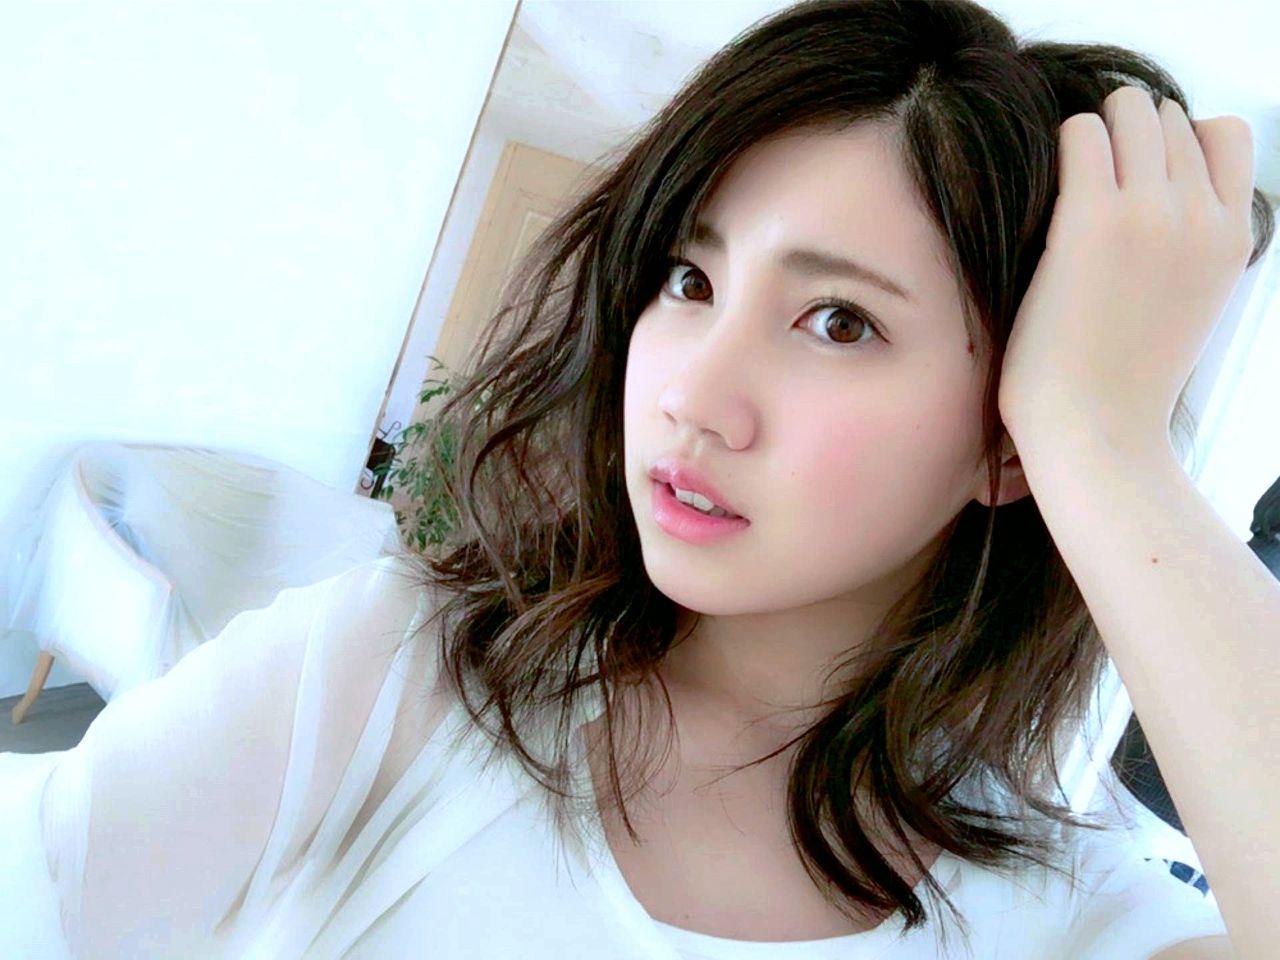 【SKE48】この綾巴に惚れないメンズはインポッシブルwwwwwwwwwwww【北川綾巴】